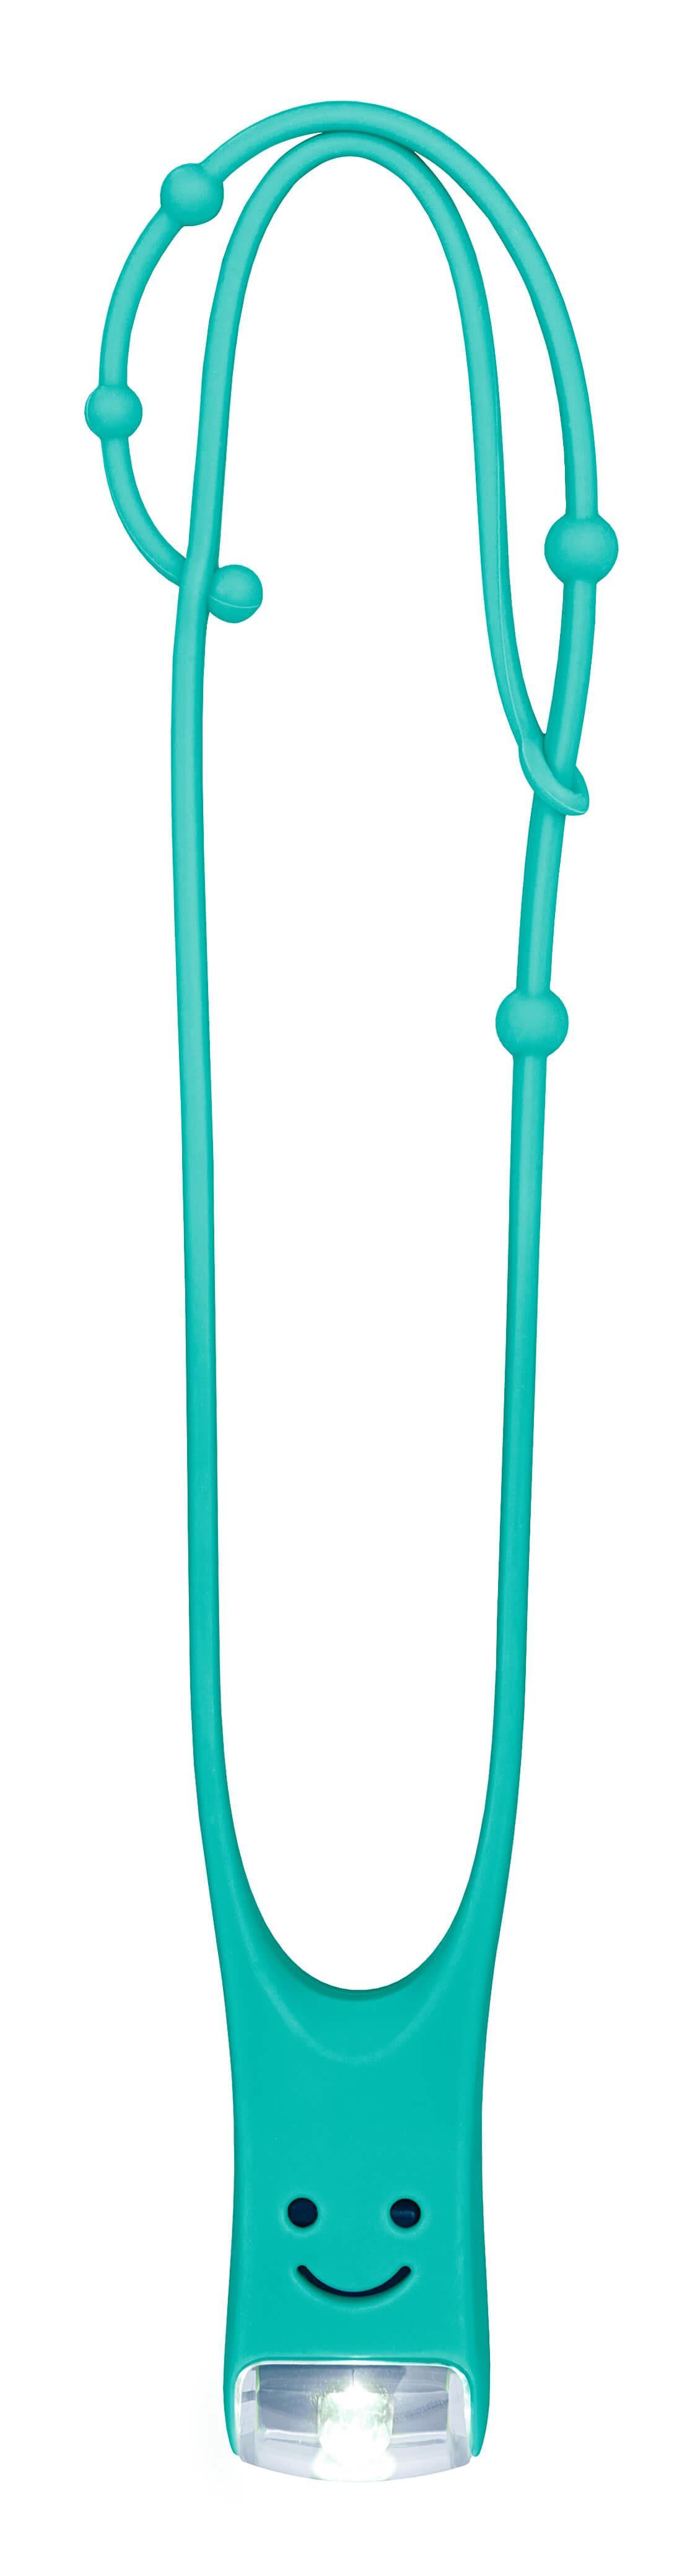 Kinder leeslampje verstelbaar turquoise